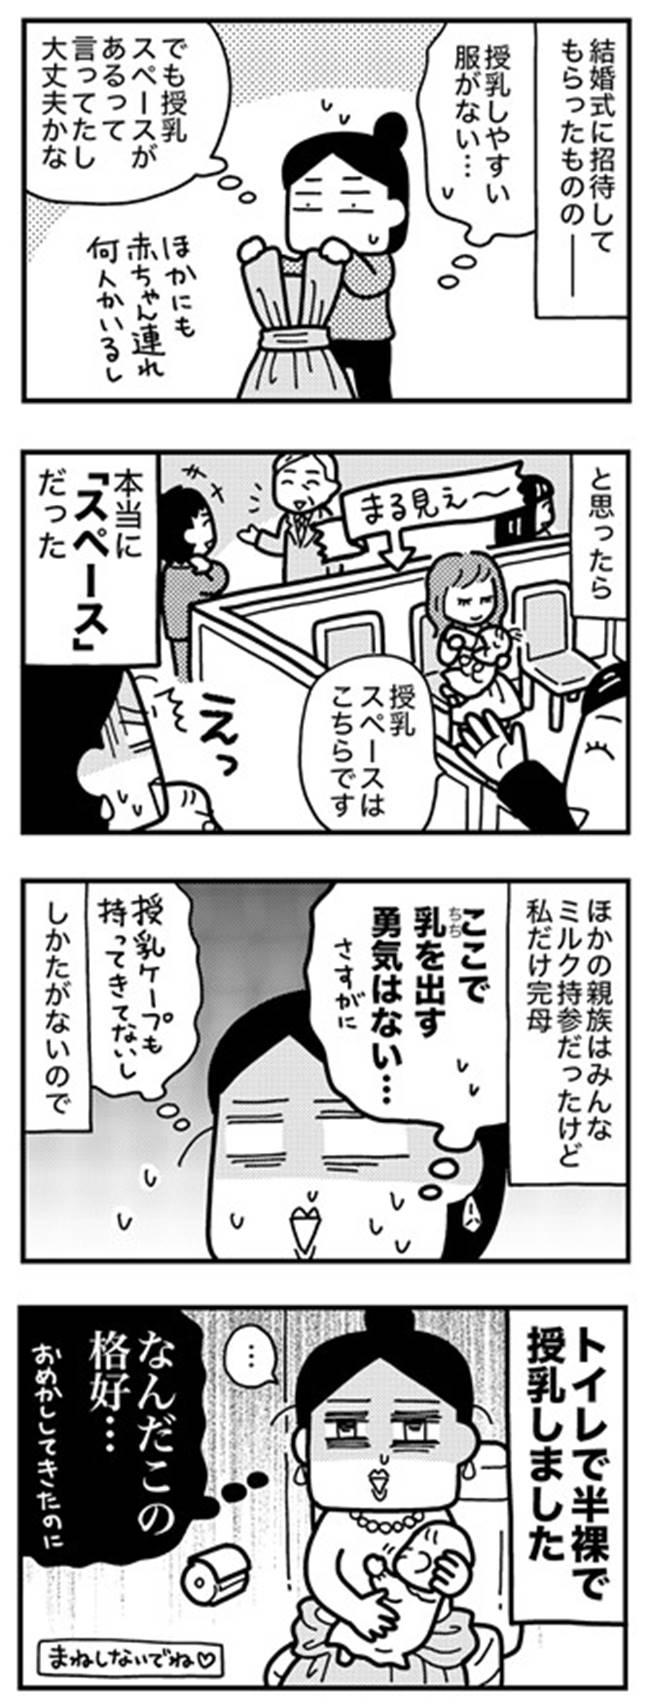 和田さん114話